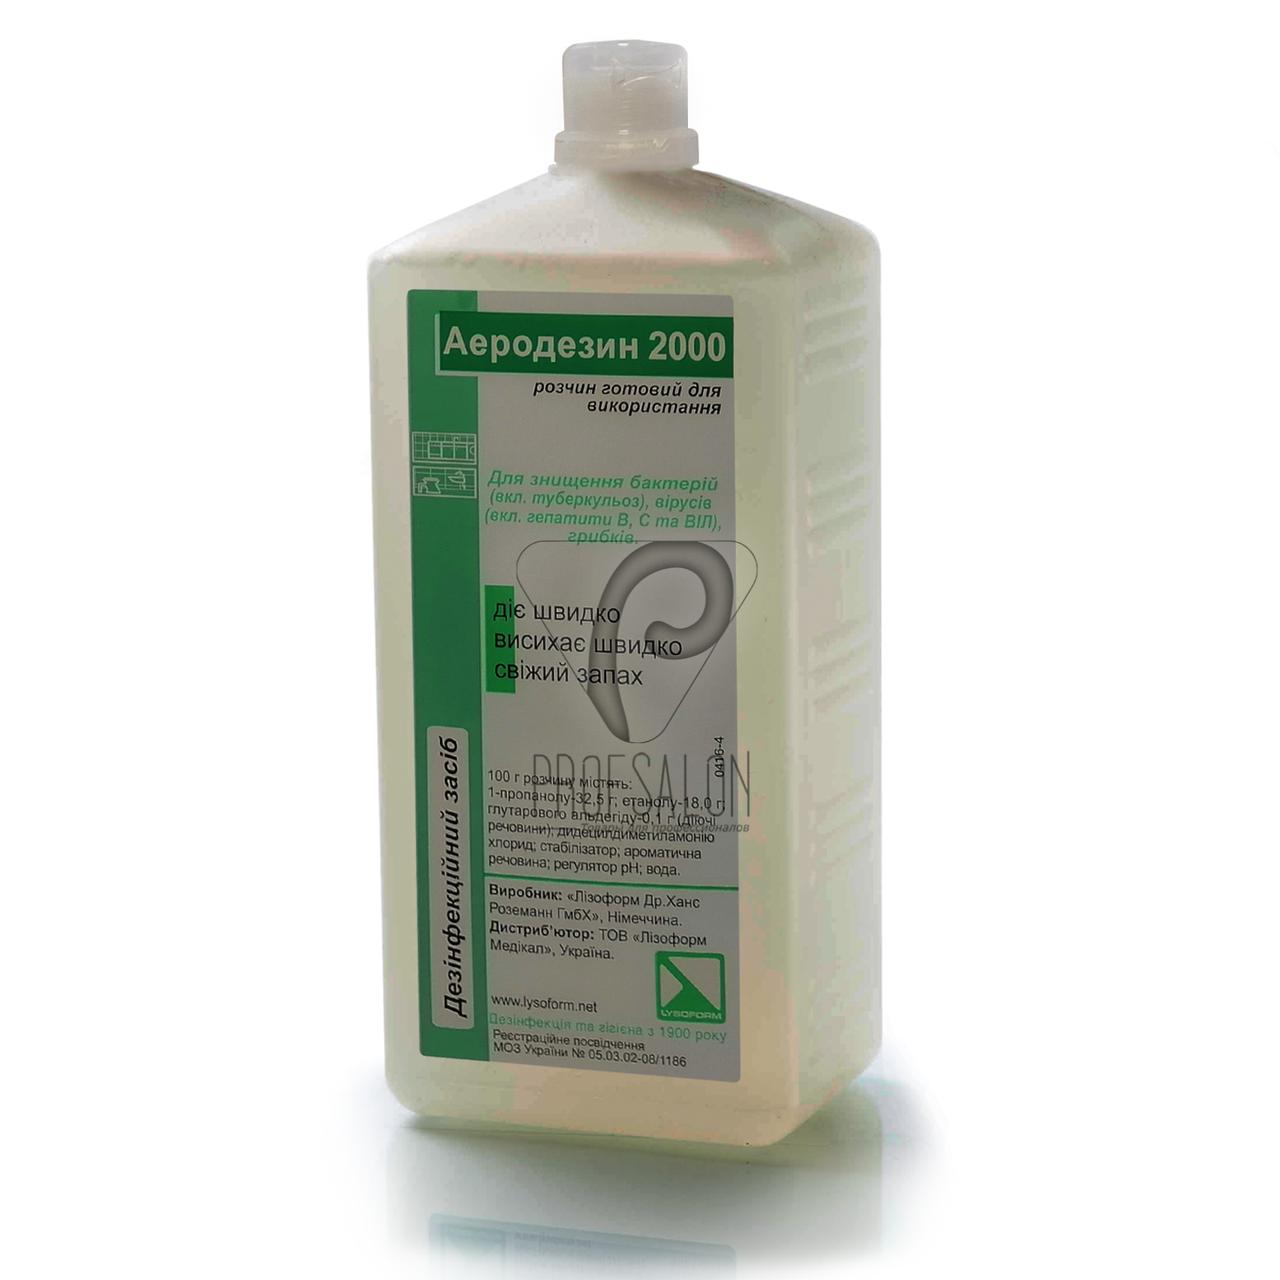 Аэродезин 2000 1 литр, средство для экстренной дезинфекции небольших поверхностей